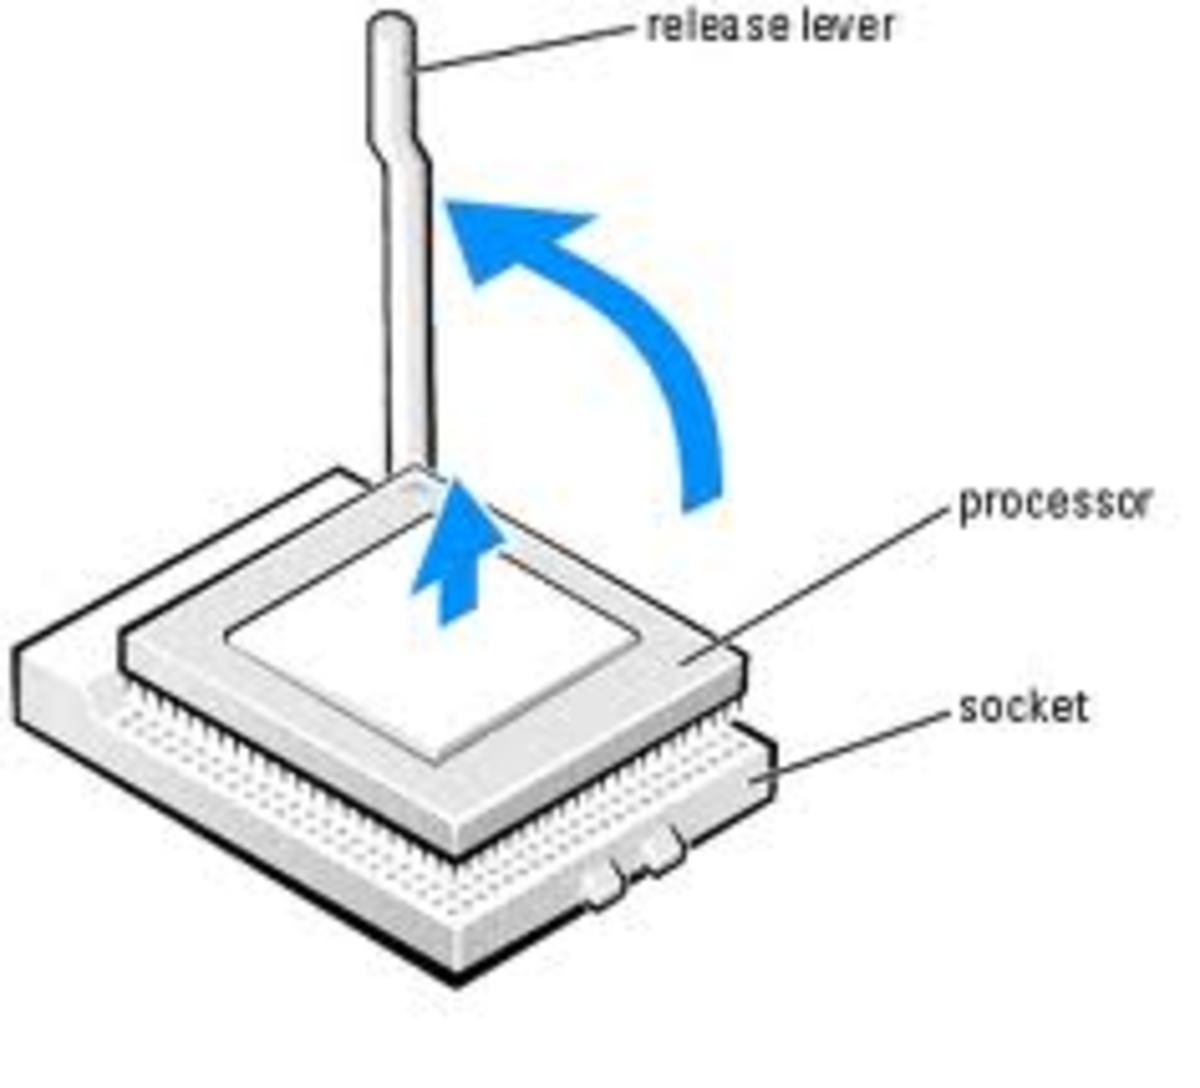 remove processor